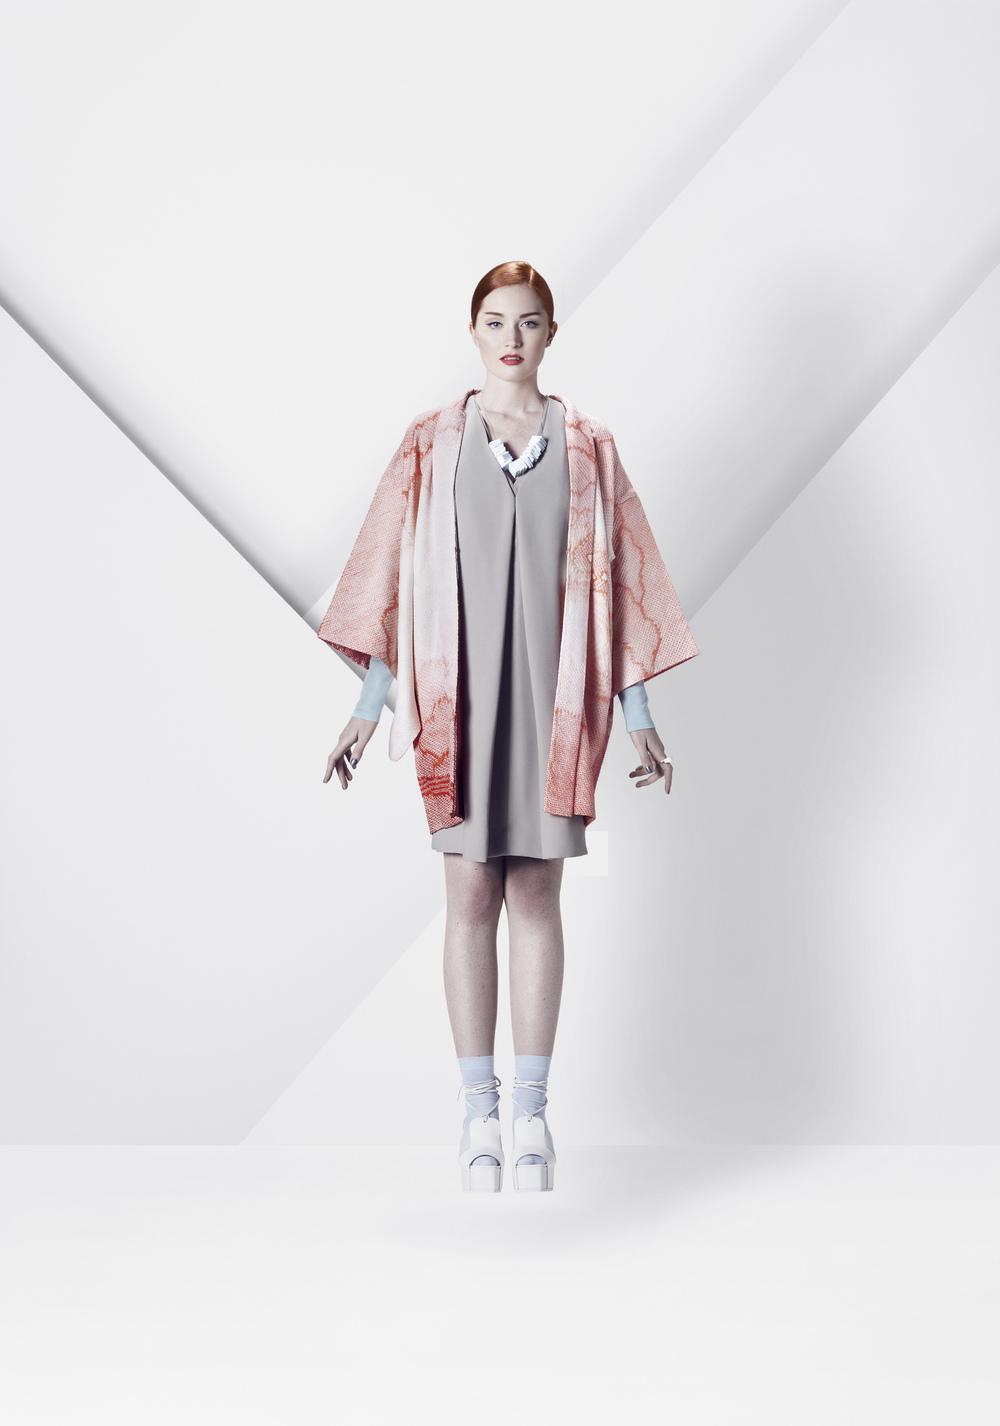 13_3_23_Kimono _0058_F4.jpg